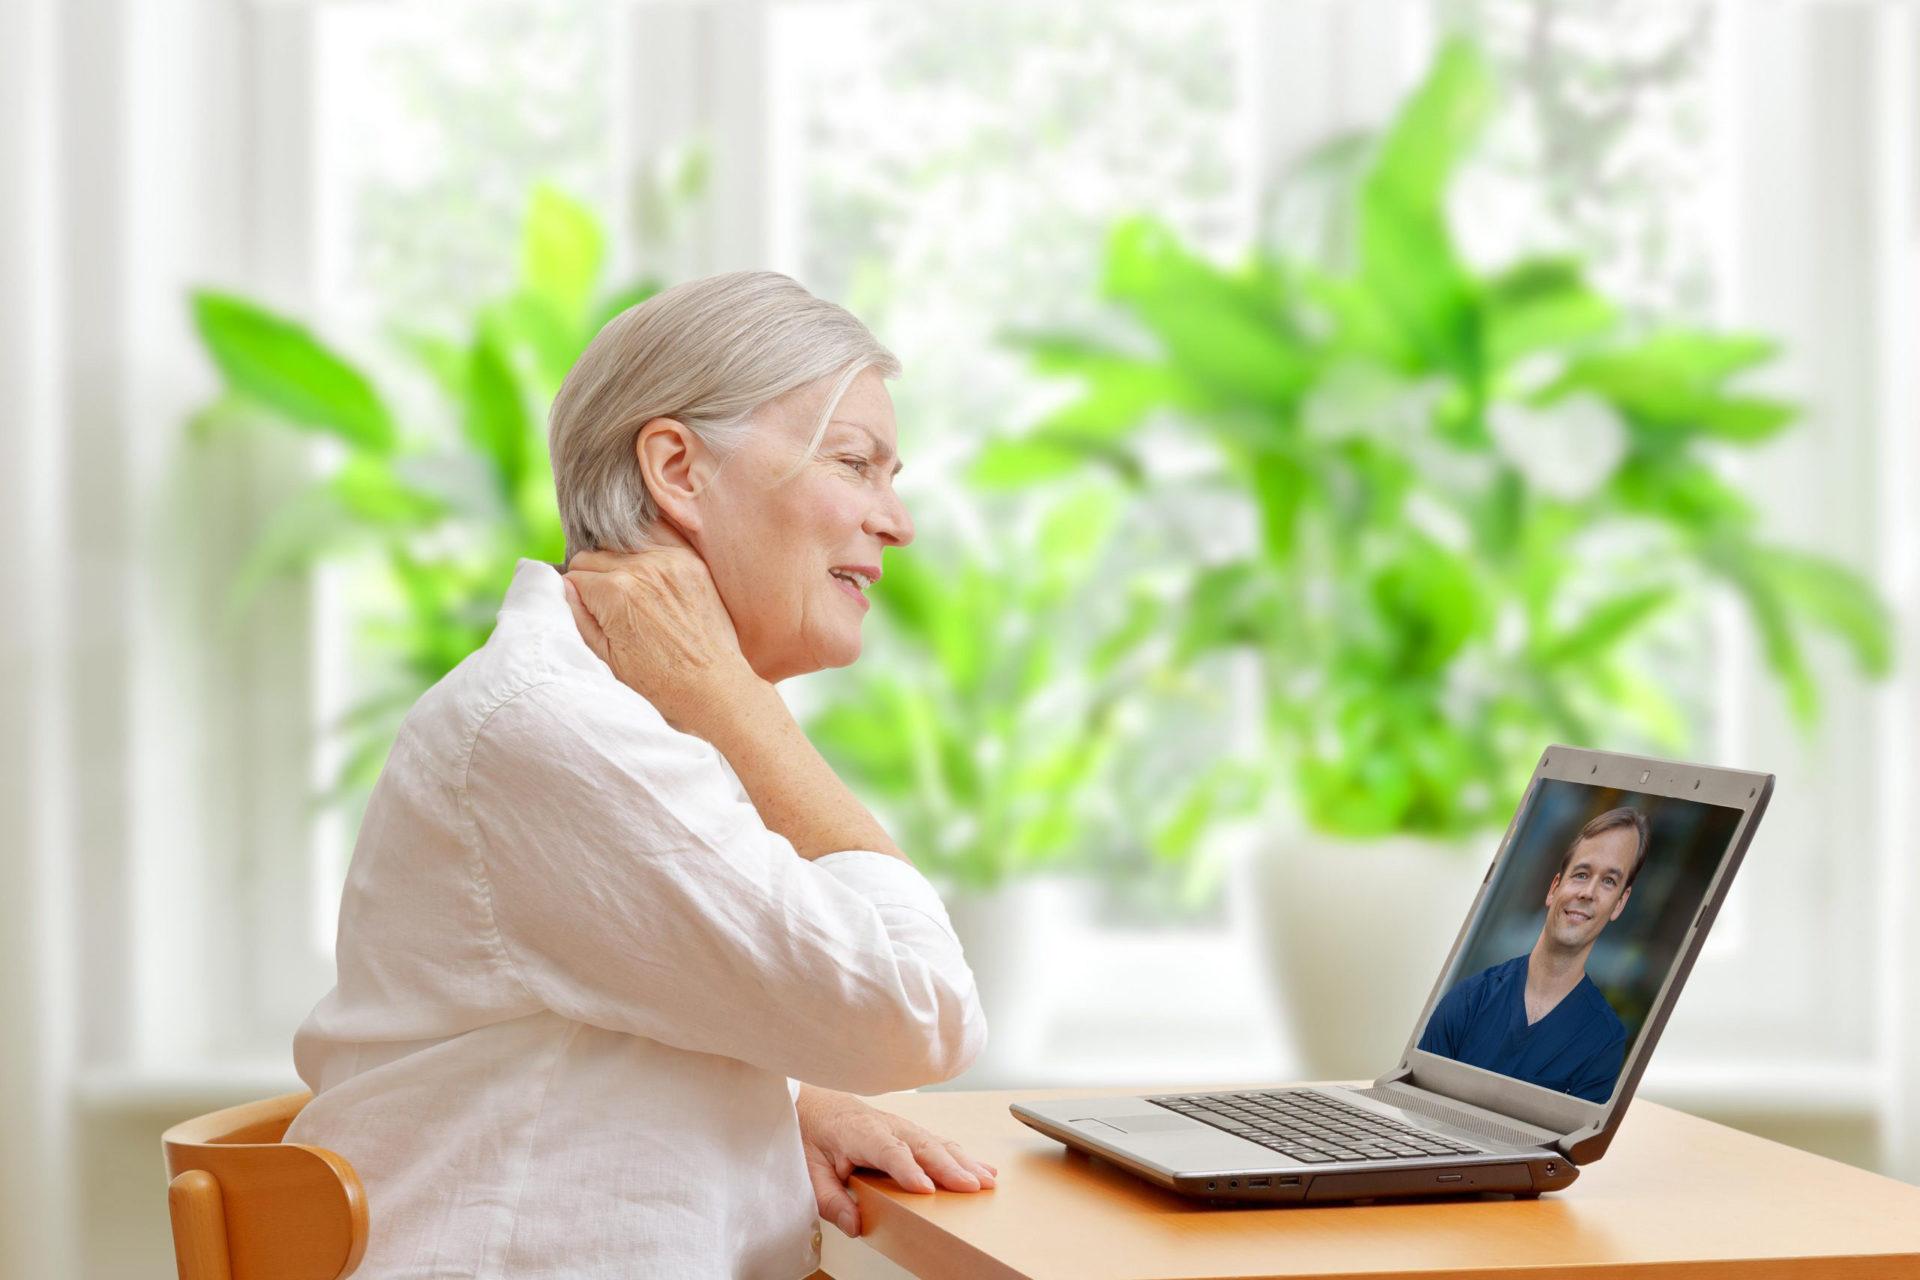 La recuperación pronta, correcta y oportuna de los adultos mayores es de vital importancia no solamente en su estado físico, sino también mental, para continuar su calidad de vida.